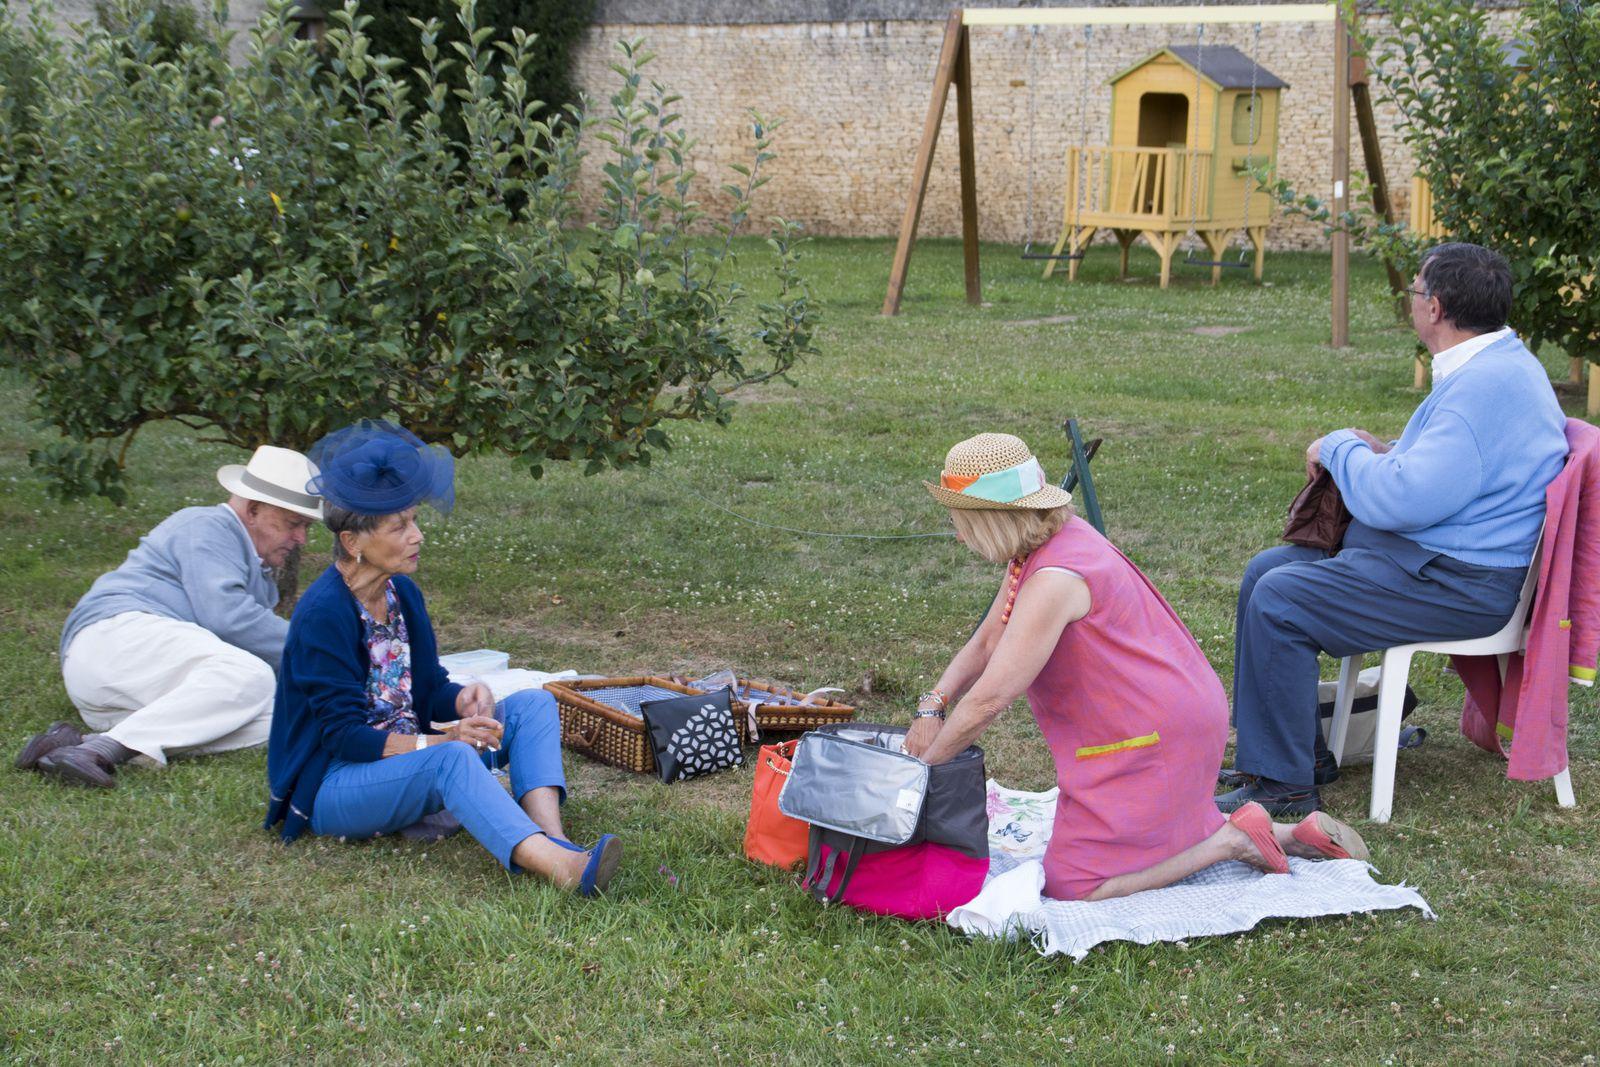 Les Promenades Musicales du Pays d'Auge. 19/07/2017, Taylor Consort, Château de Mezidon-Canon.